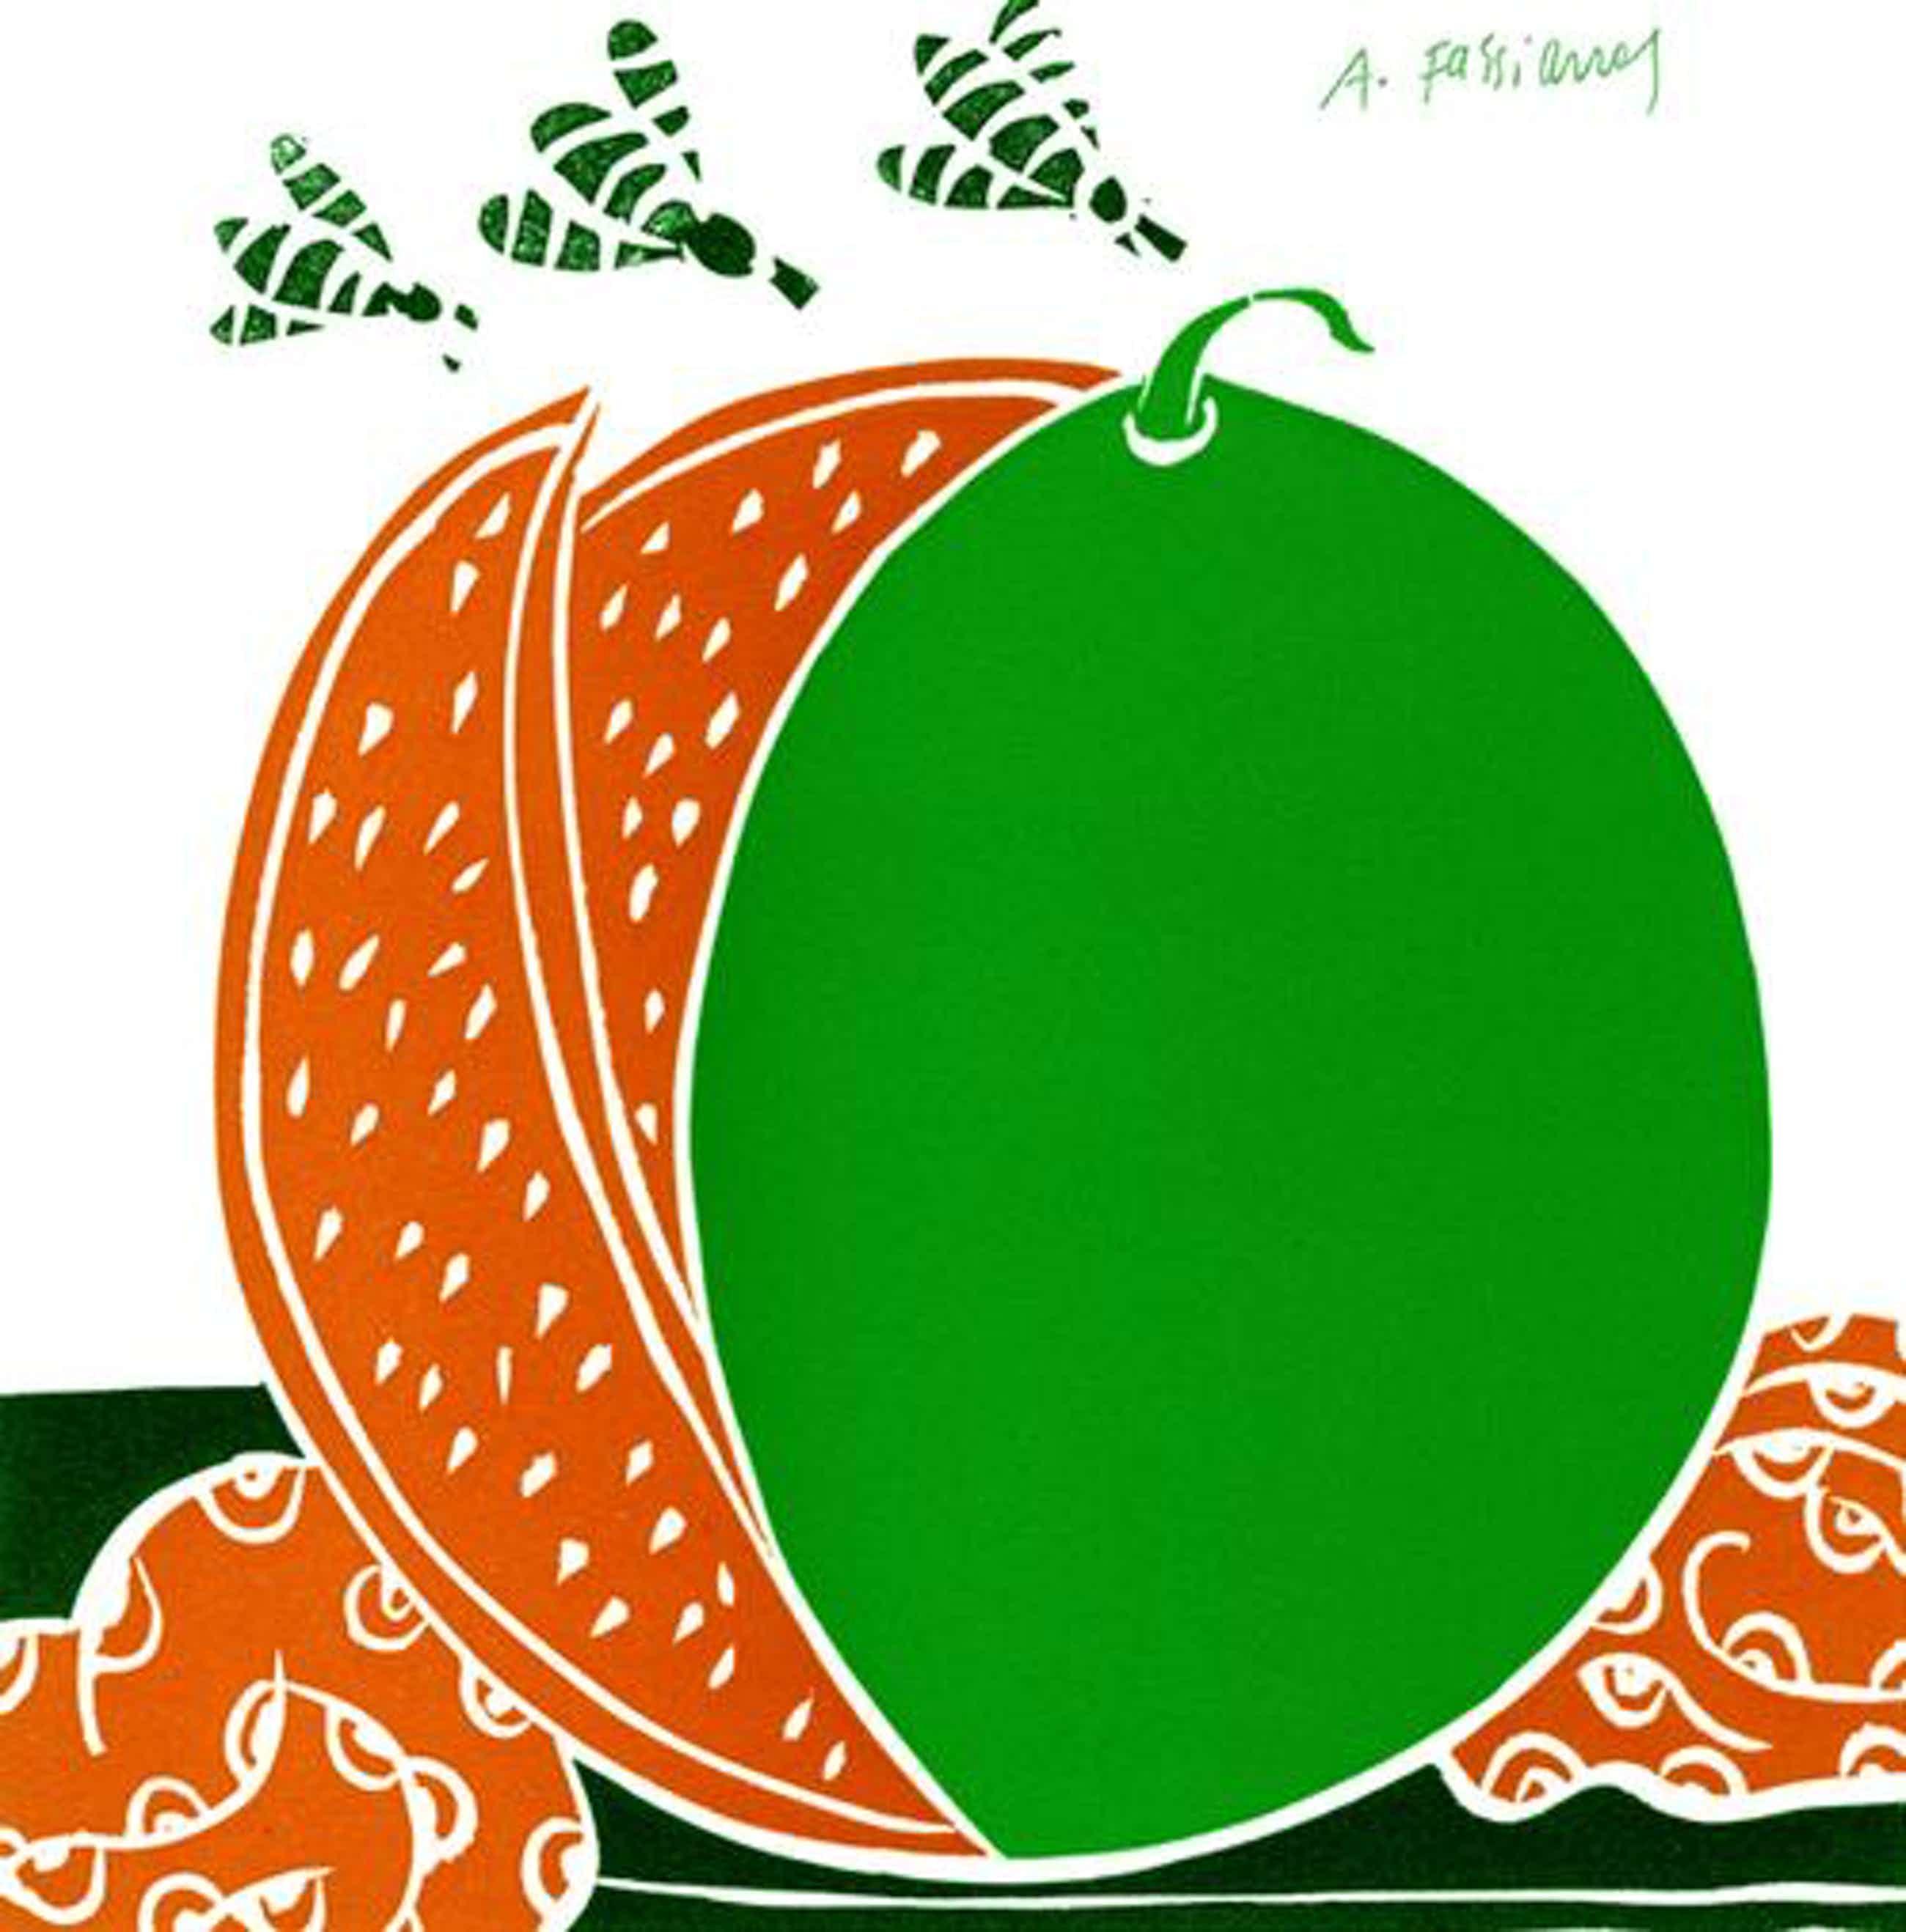 Alexandre Fassianos - Melone und Insekten, Lithografie kopen? Bied vanaf 55!